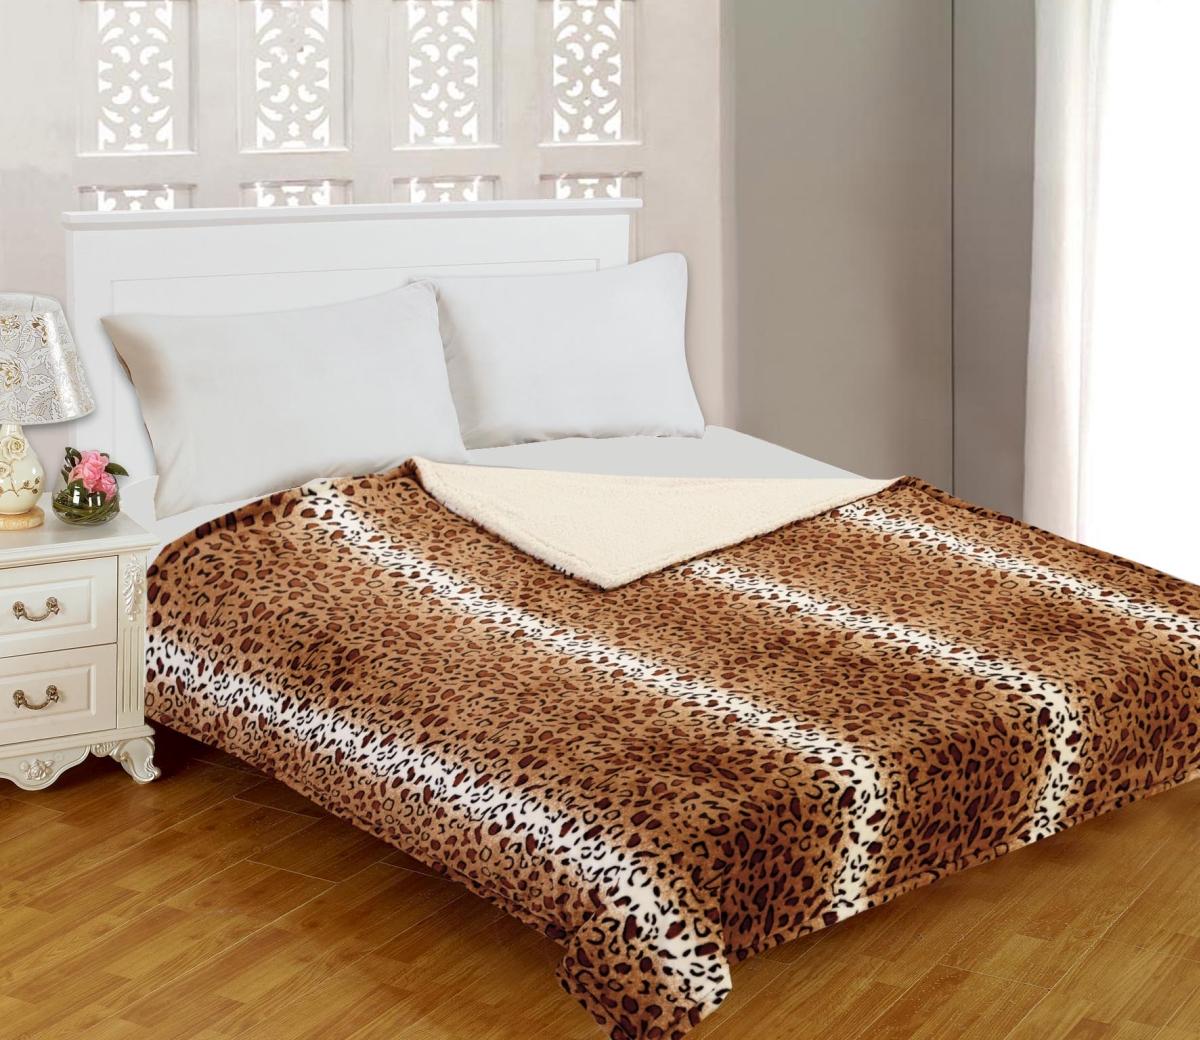 Плед Buenas Noches Фланель. Royal Leopard, цвет: бежевый, коричневый, черный, 200 см х 220 см71797Двусторонний плед Buenas Noches Фланель. Royal Leopard - это идеальное решение для вашего интерьера! Он порадует вас легкостью, нежностью и разноплановыми дизайнами с двух сторон: одна сторона стилизована под окрас леопарда, а оборотная оформлена в однотонном цвете. Плед выполнен из 100% полиэстера. Полиэстер считается одной из самых популярных тканей. Это материал синтетического происхождения из полиэфирных волокон. Изделия из полиэстера не мнутся и легко стираются. После стирки очень быстро высыхают. Плед - это такой подарок, который будет всегда актуален, особенно для ваших родных и близких, ведь вы дарите им частичку своего тепла! Продукция торговой марки Buenas Noches сделана с особой заботой, специально для вас и уюта в вашем доме!